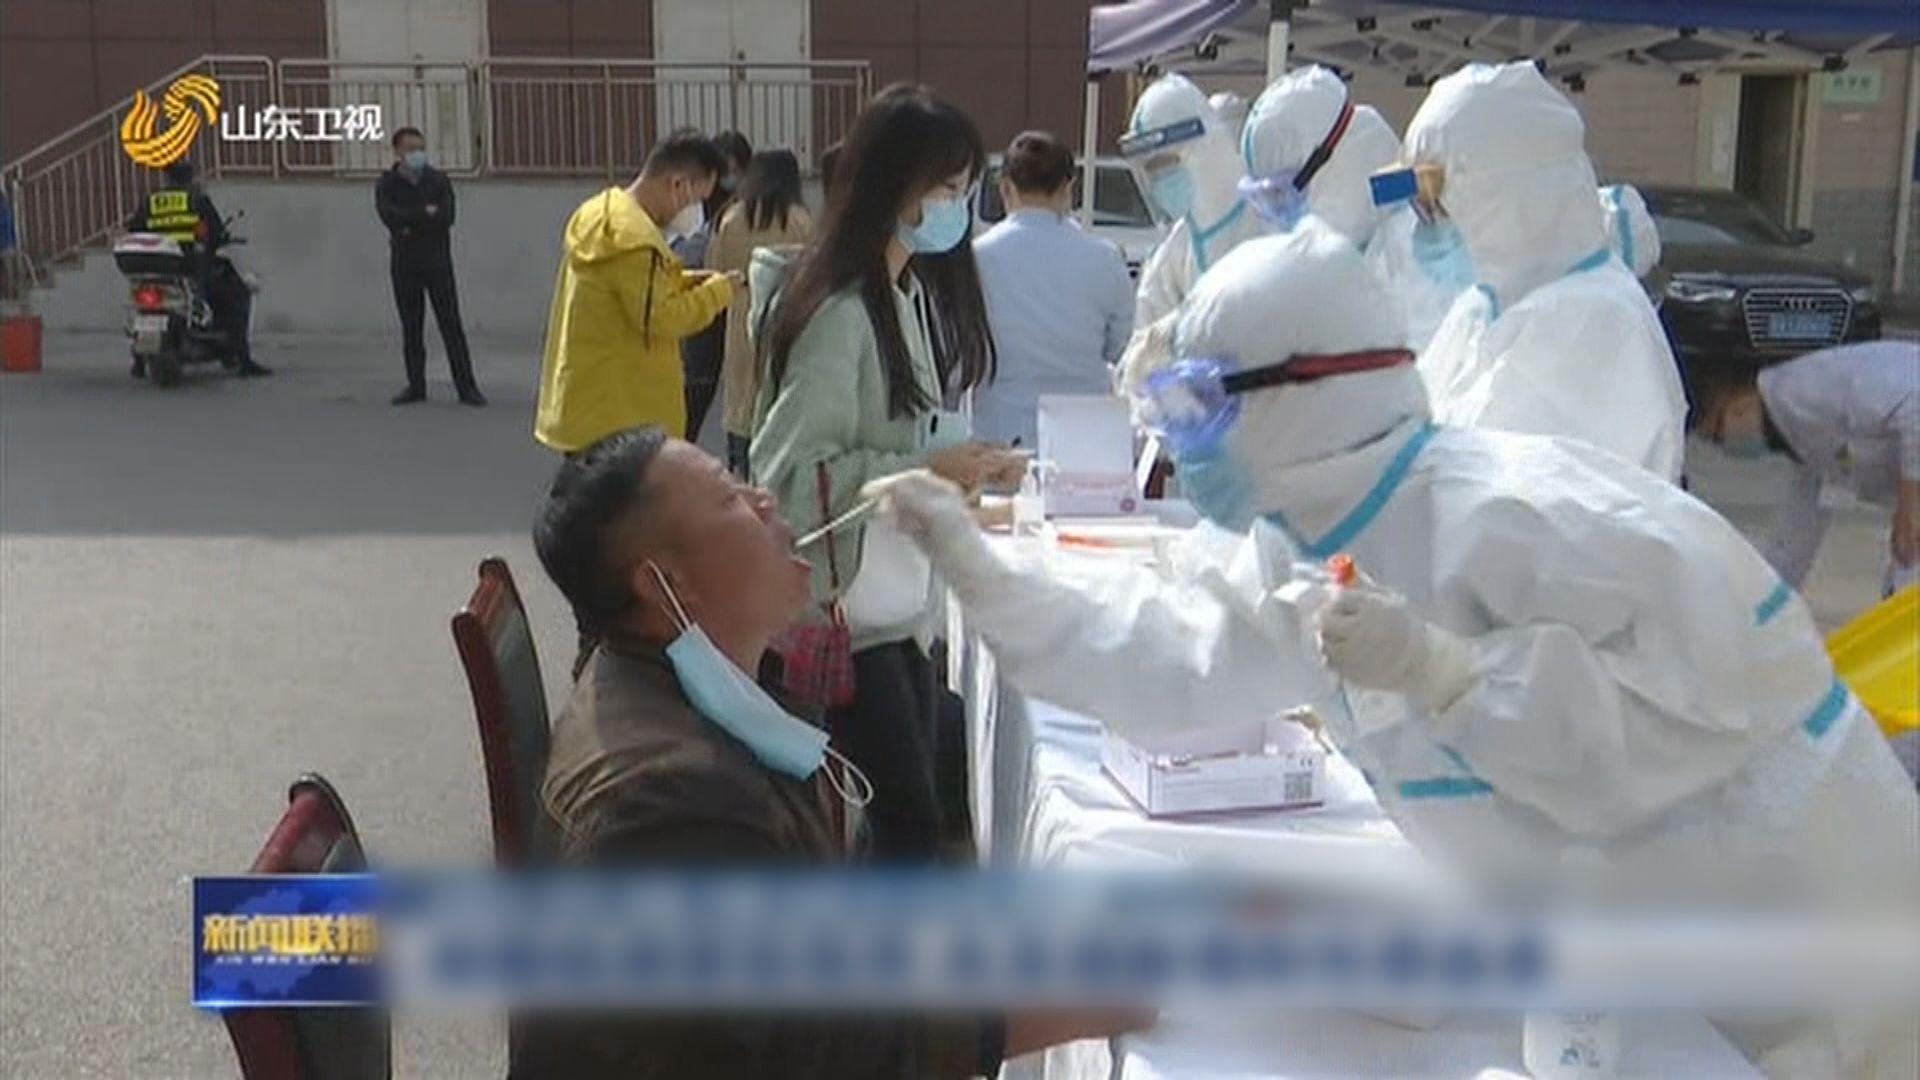 青島近日病例均與胸科醫院有高度關連 相信社區感染可能性低